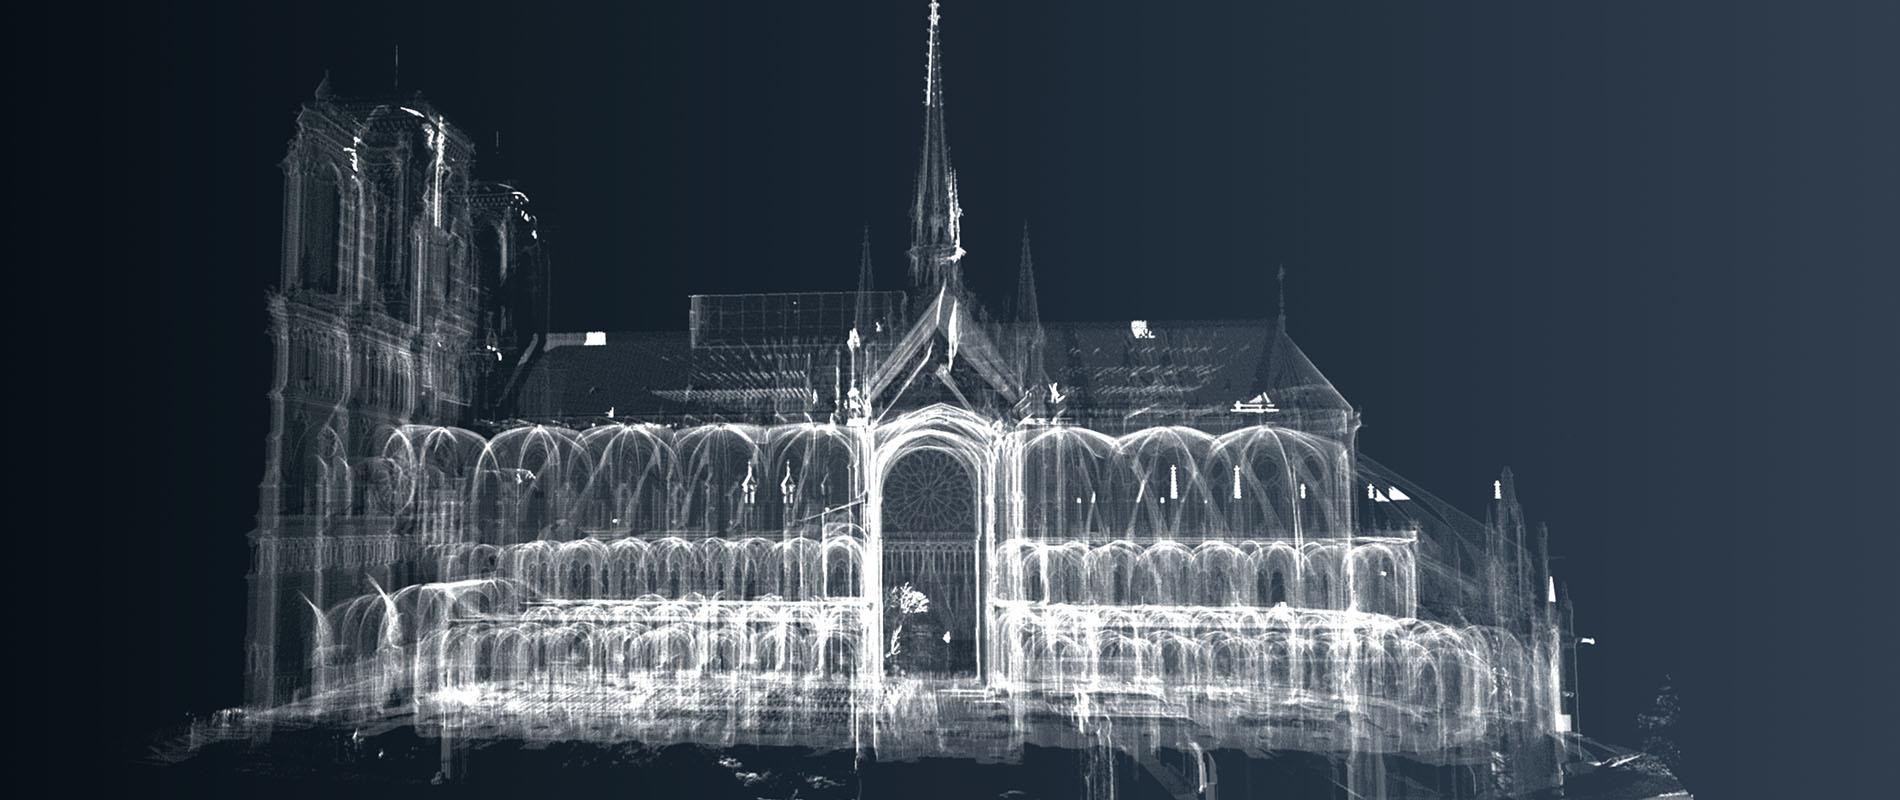 Visuel radiographique de la cathédrale de Notre Dame de Paris